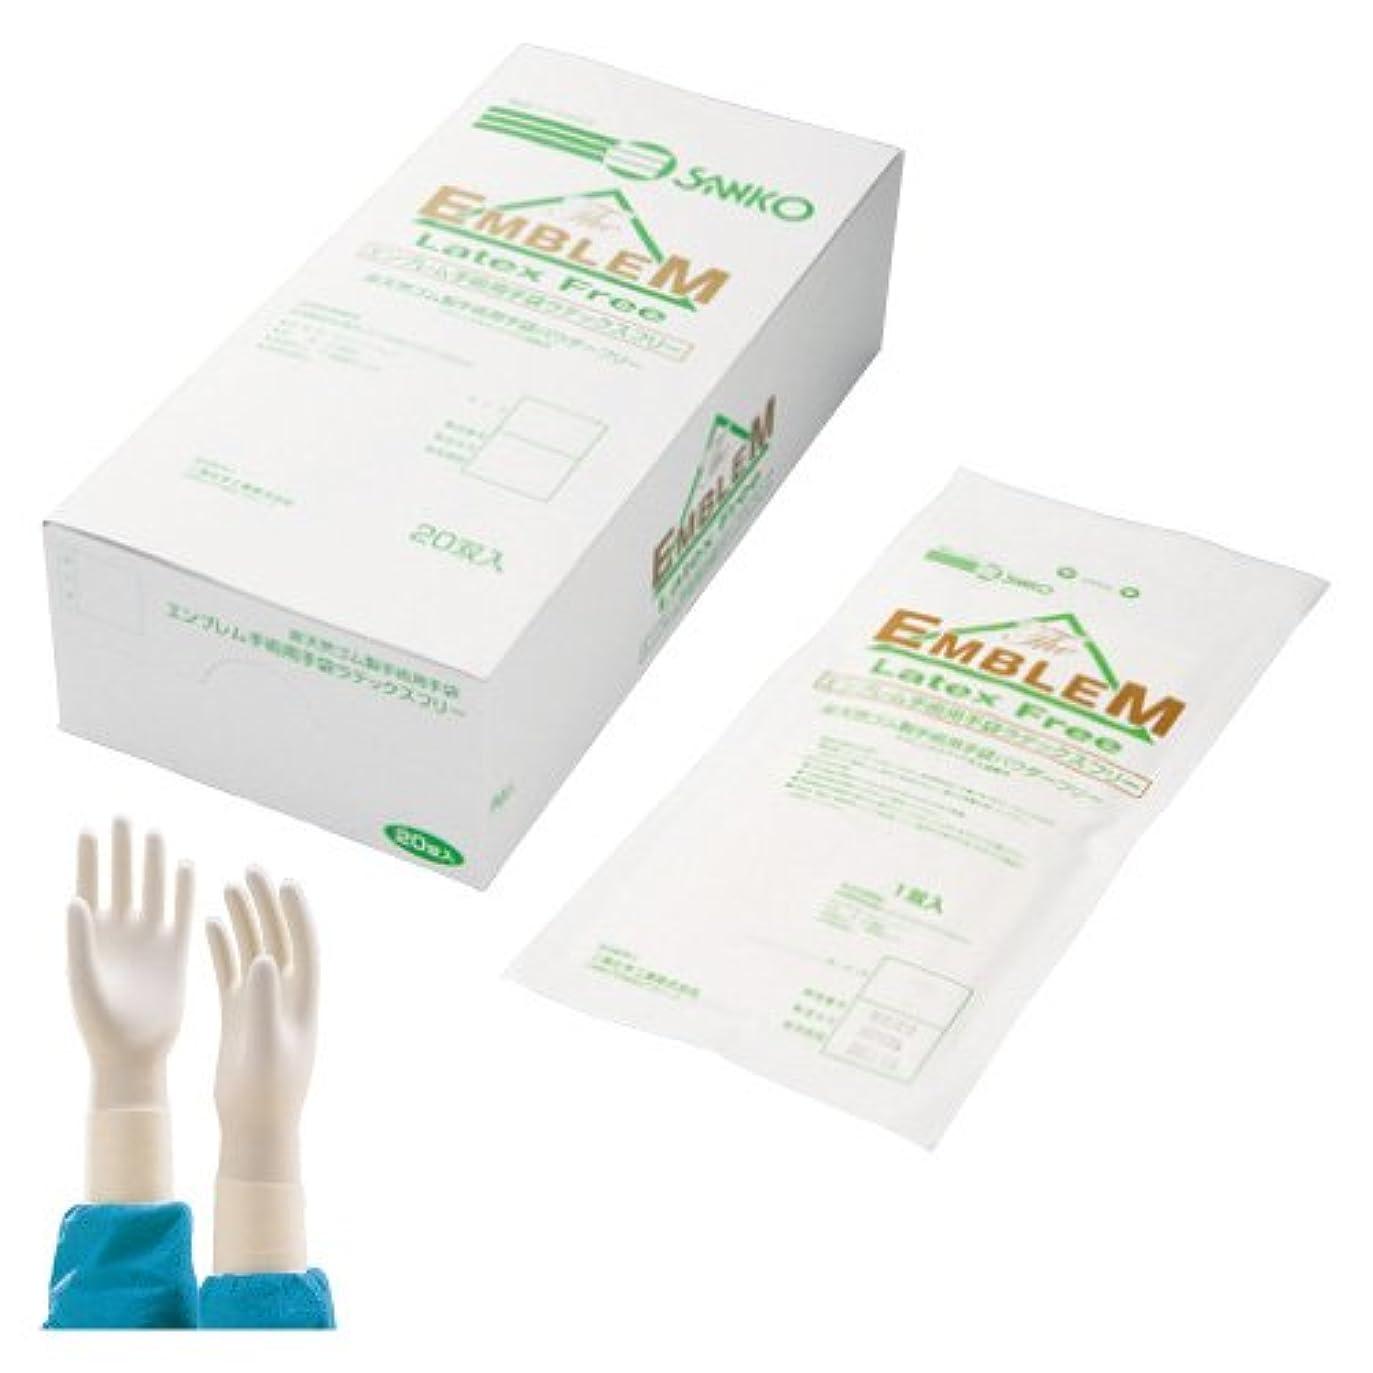 お手伝いさん矛盾するピボットエンブレム手術用手袋 6 <1箱(20双入)>